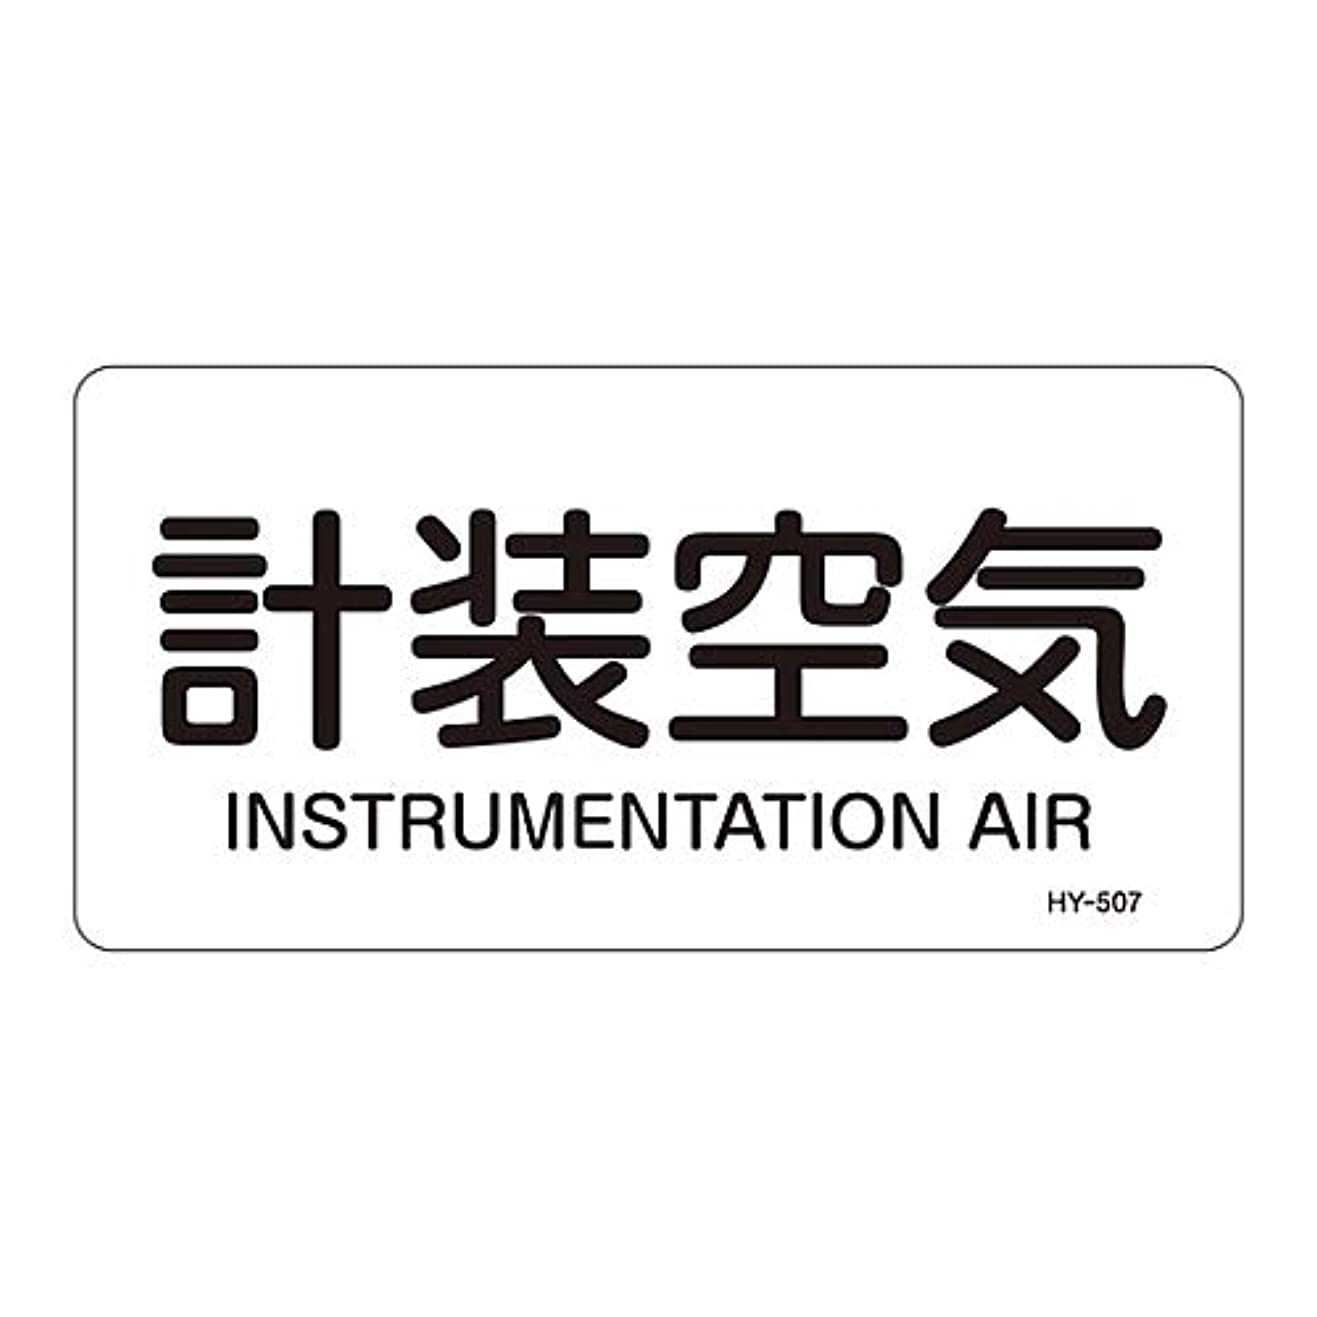 パウダー強調するラウズJIS配管識別明示ステッカー<ヨコタイプ> 「計装空気」 HY-507L/61-3404-40